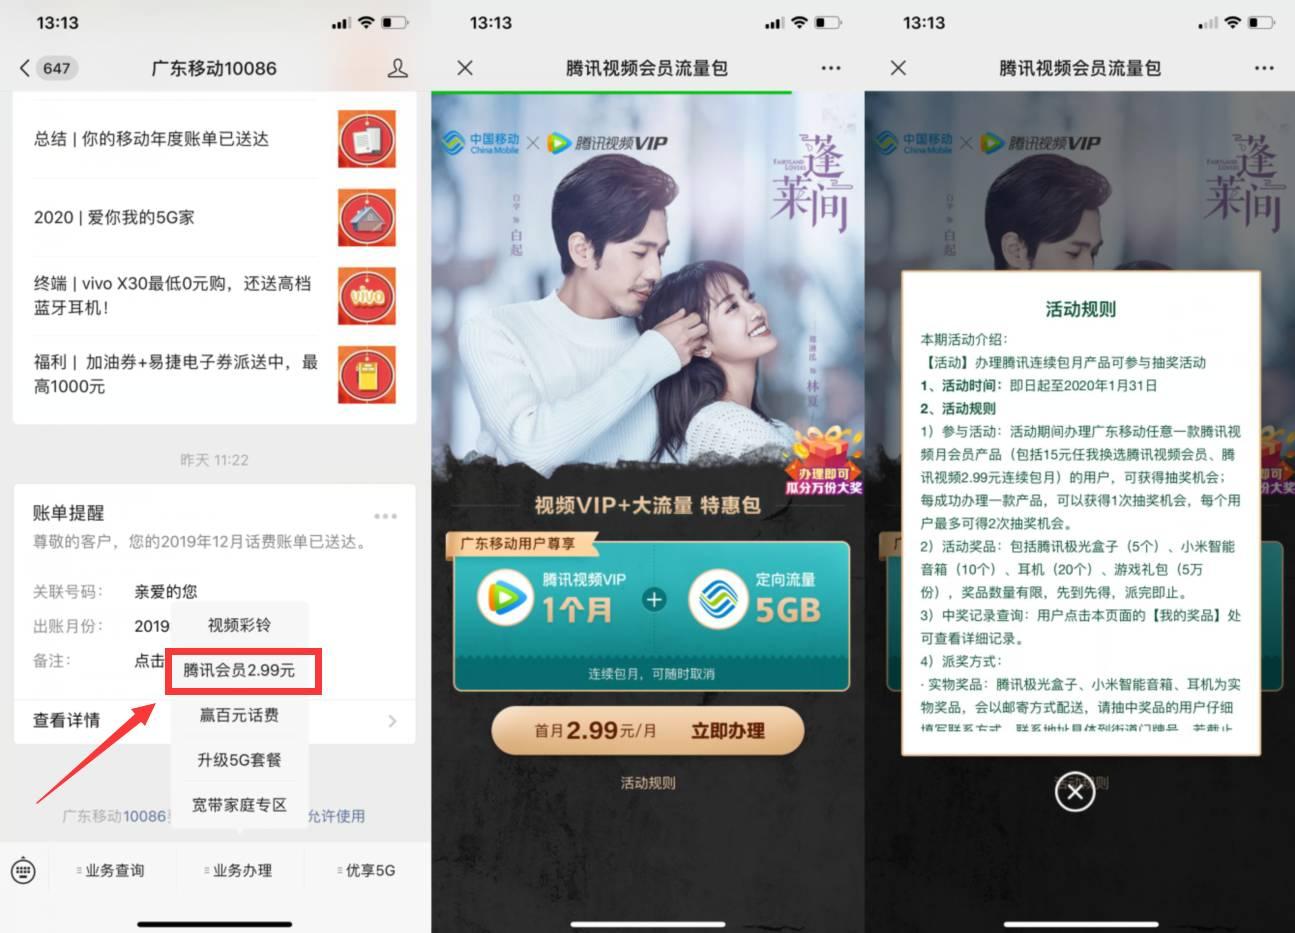 广东移动用户3元开1月腾讯视频会员